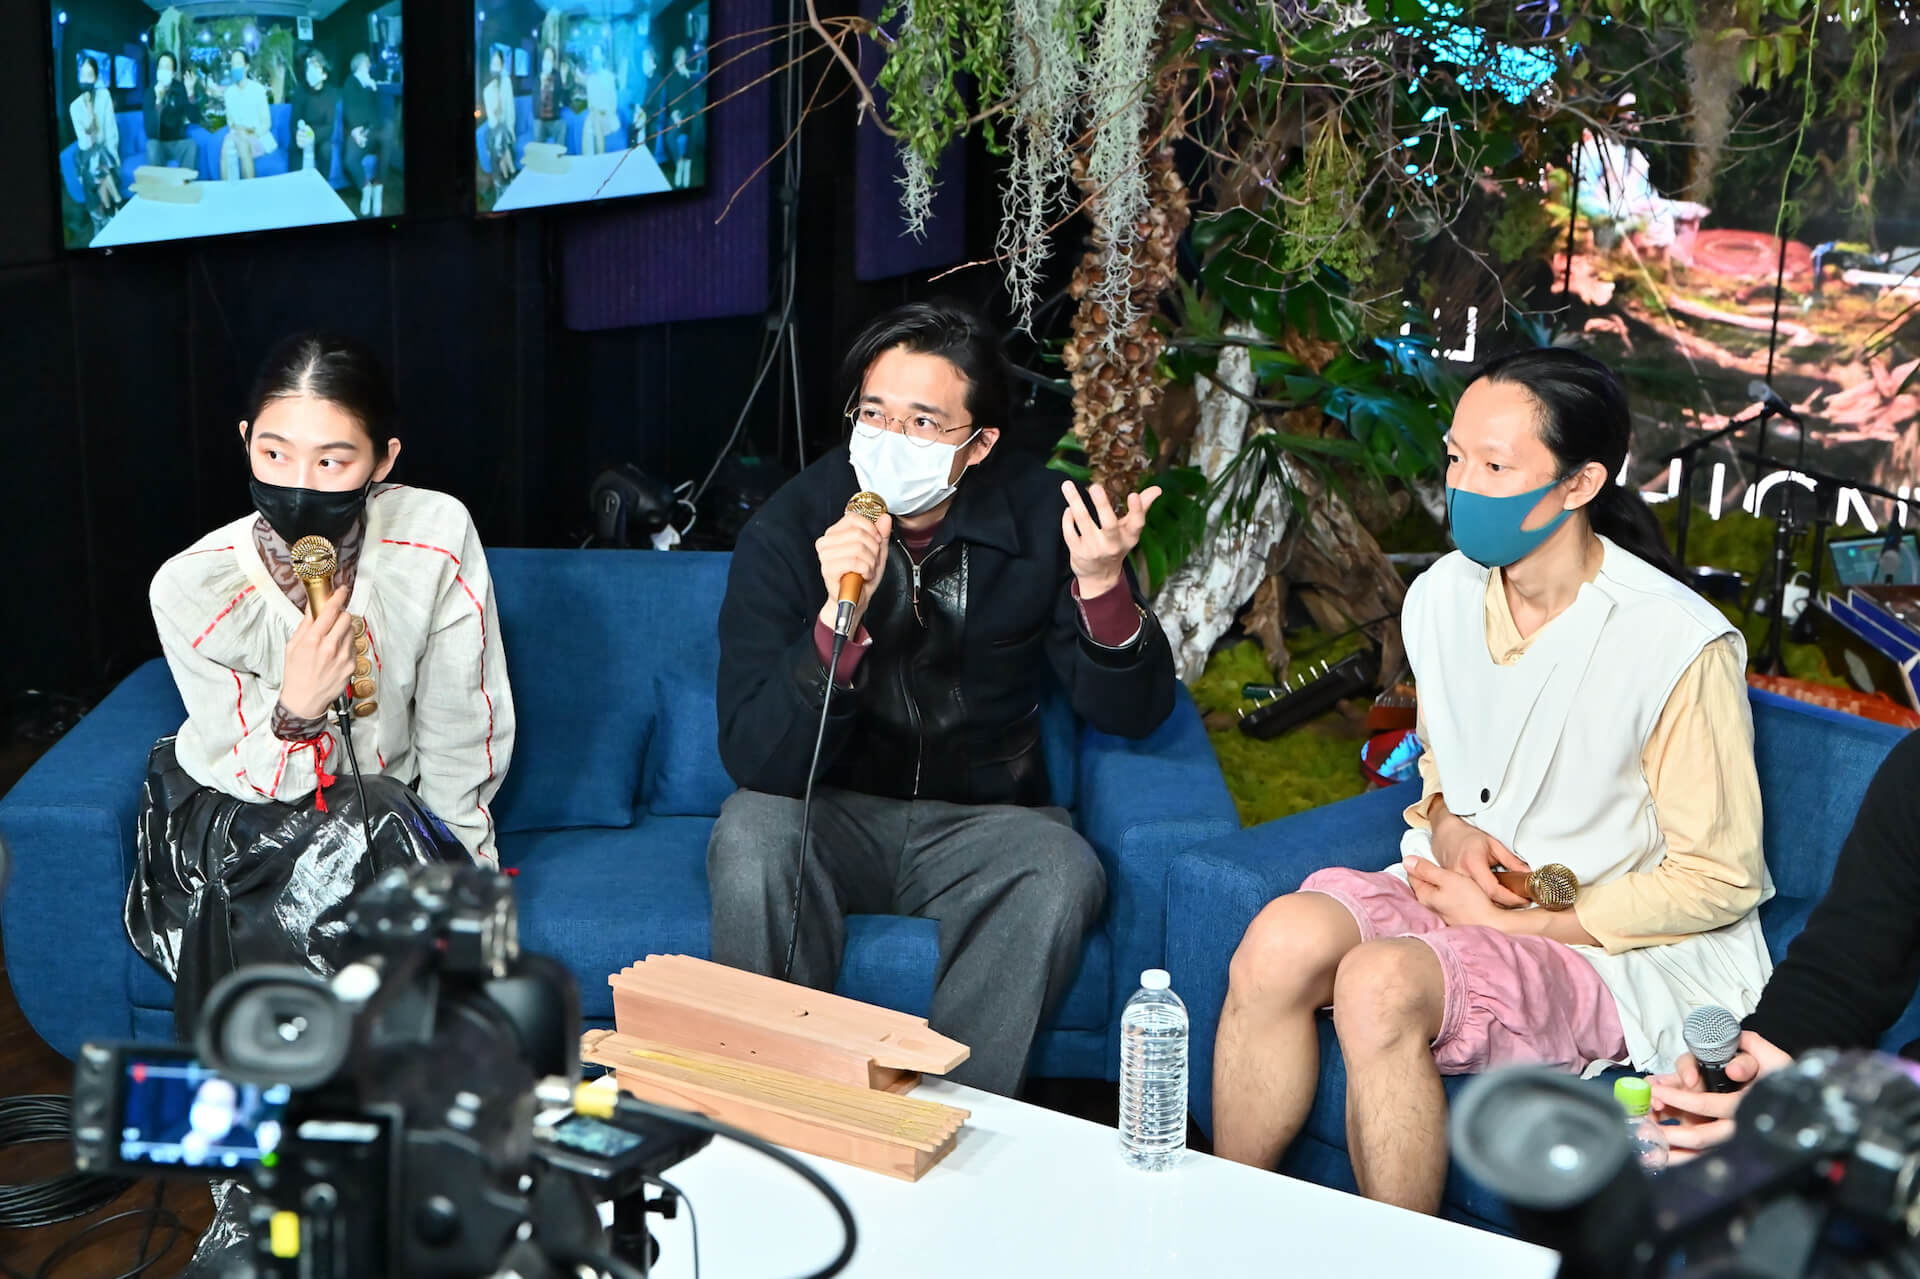 YAKUSHIMA TREASUREの死生観とポストコロナの表現|屋久島の原生林でのライヴ作品『ANOTHER LIVE』に迫る music210219_yakushimatreasure_10